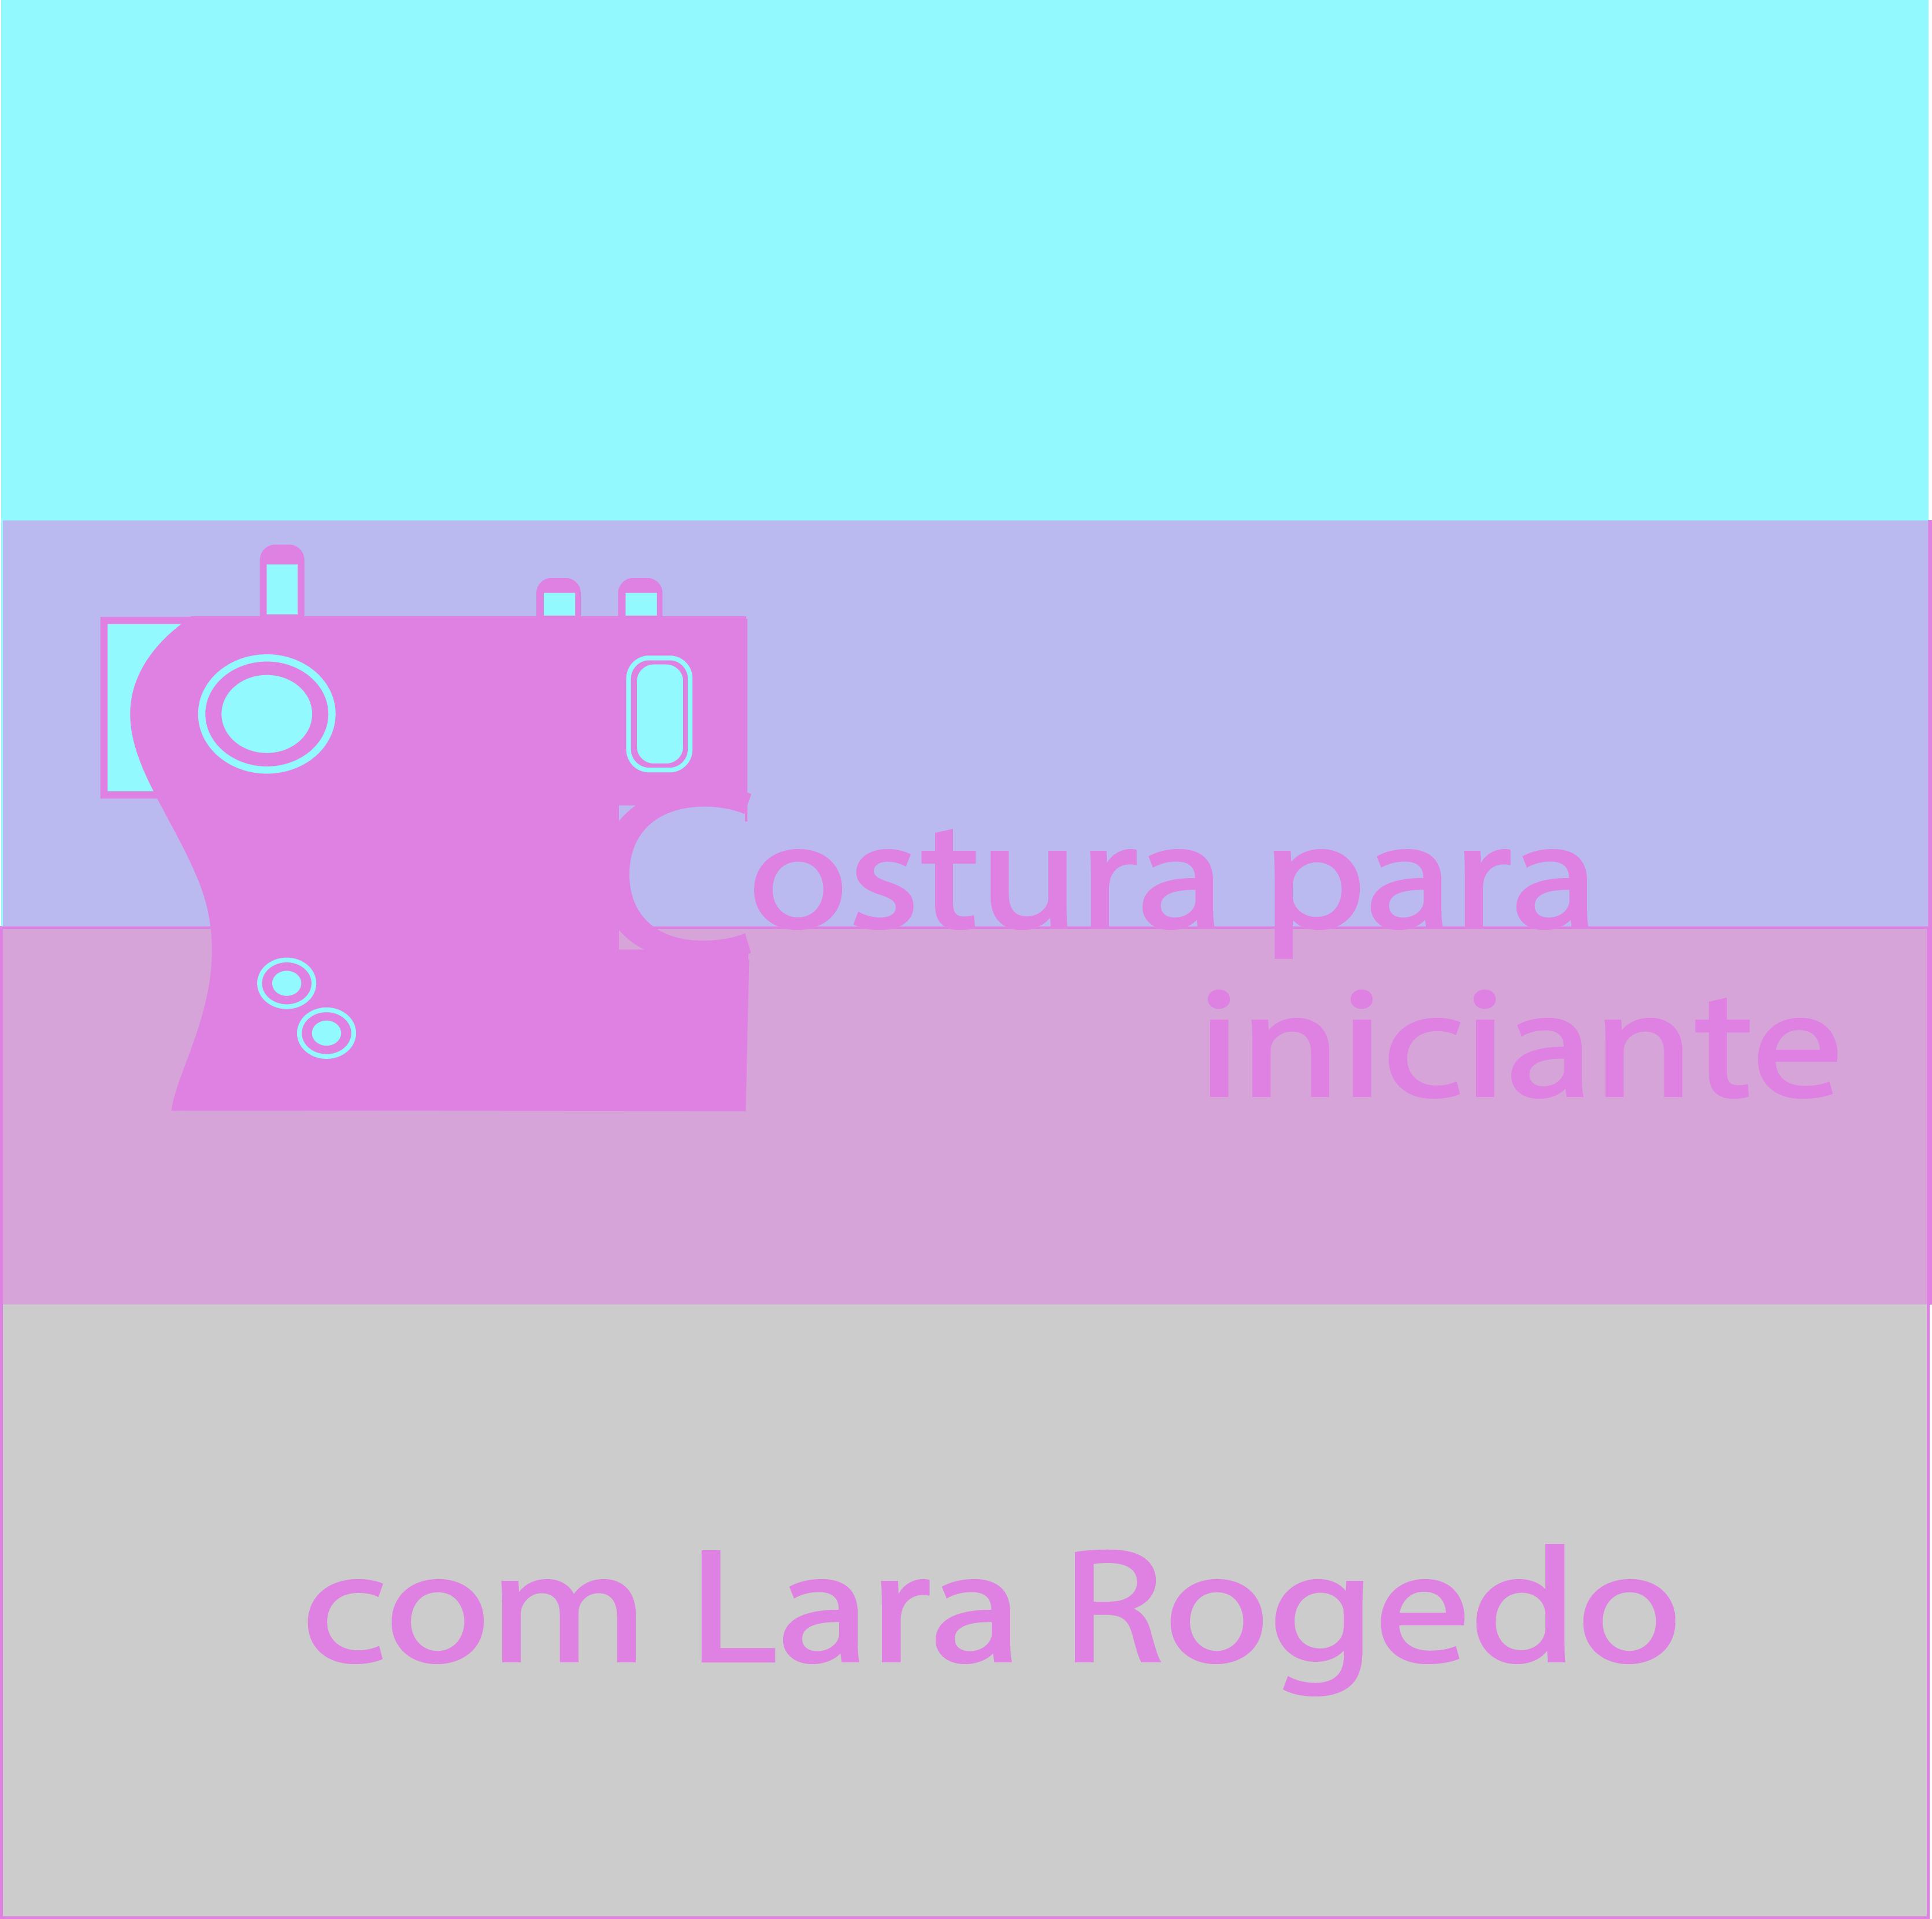 https://algodaocru.com.br/costuraparainiciante/